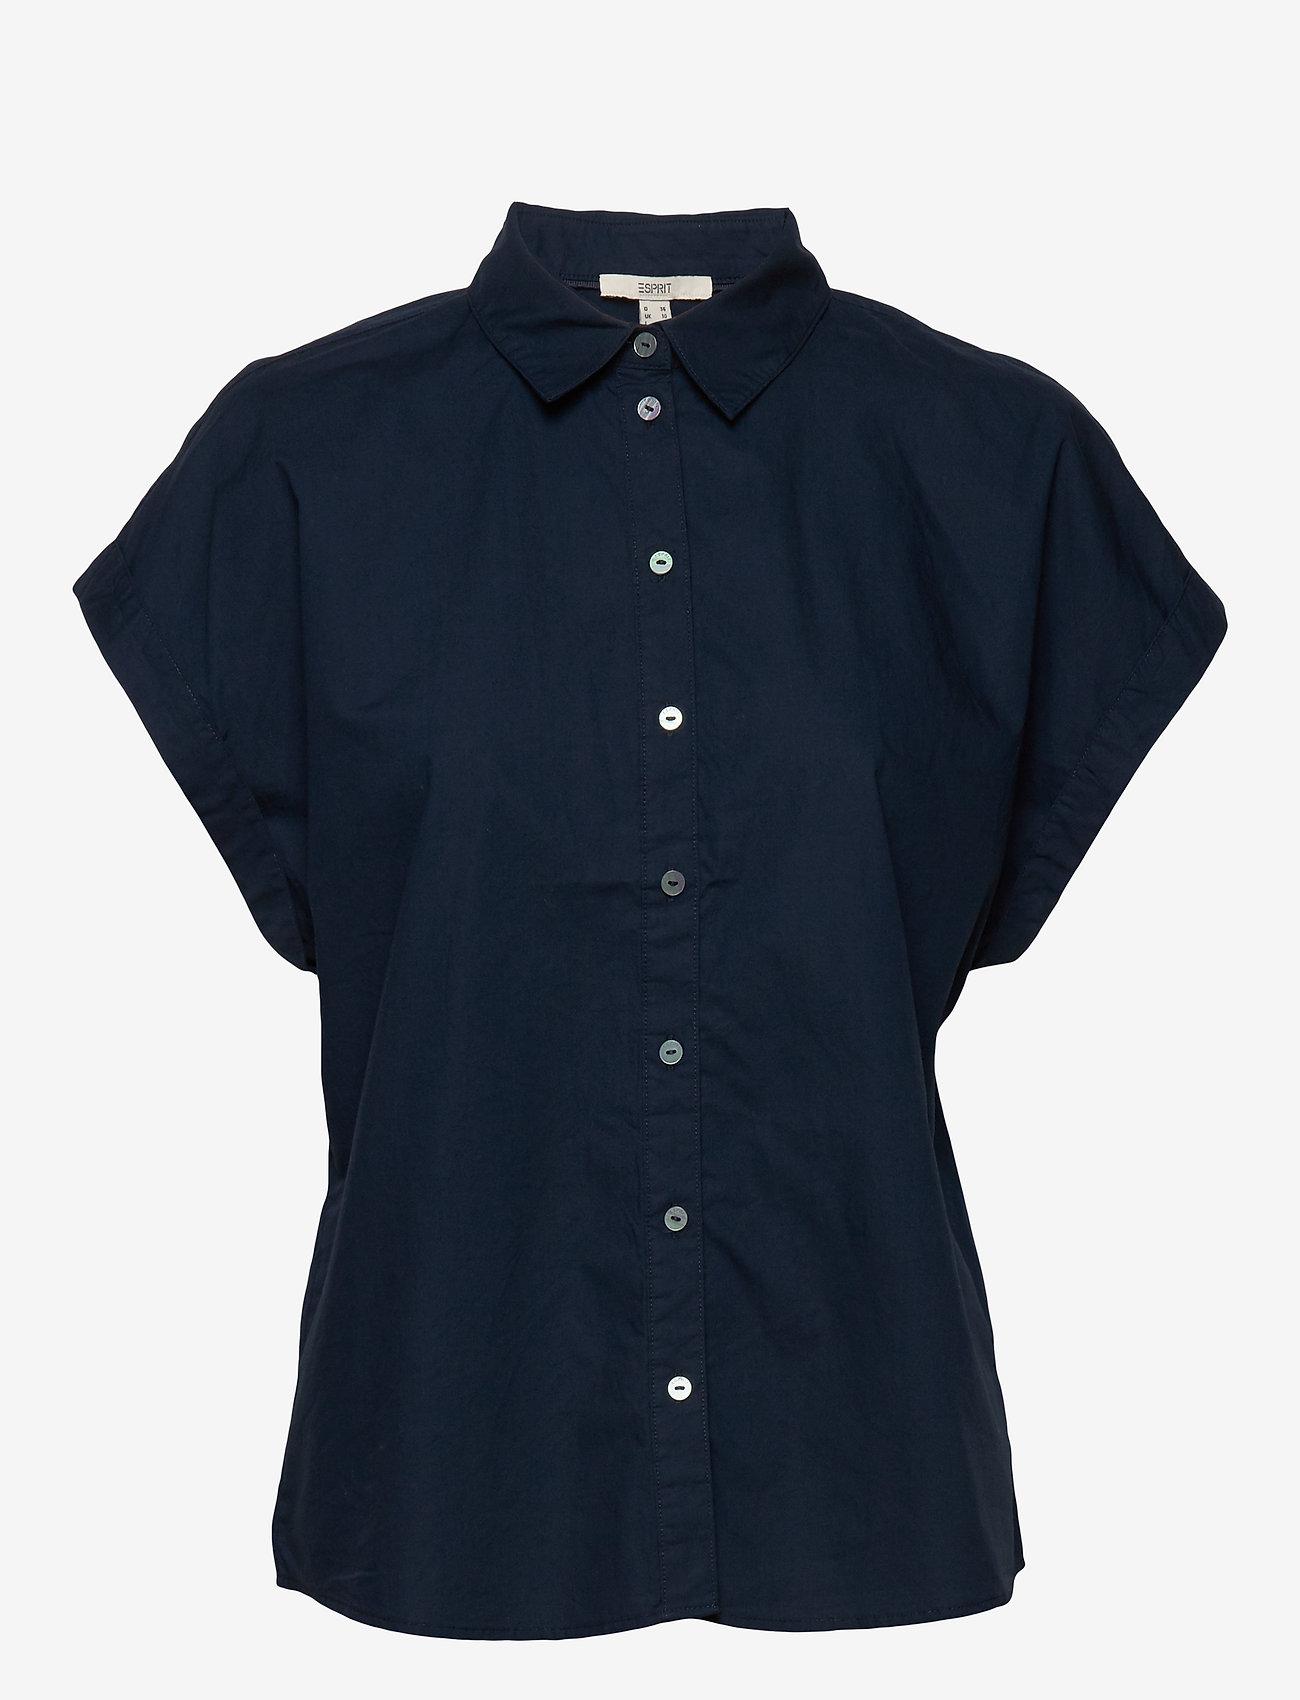 Esprit Casual - Blouses woven - overhemden met korte mouwen - navy - 0